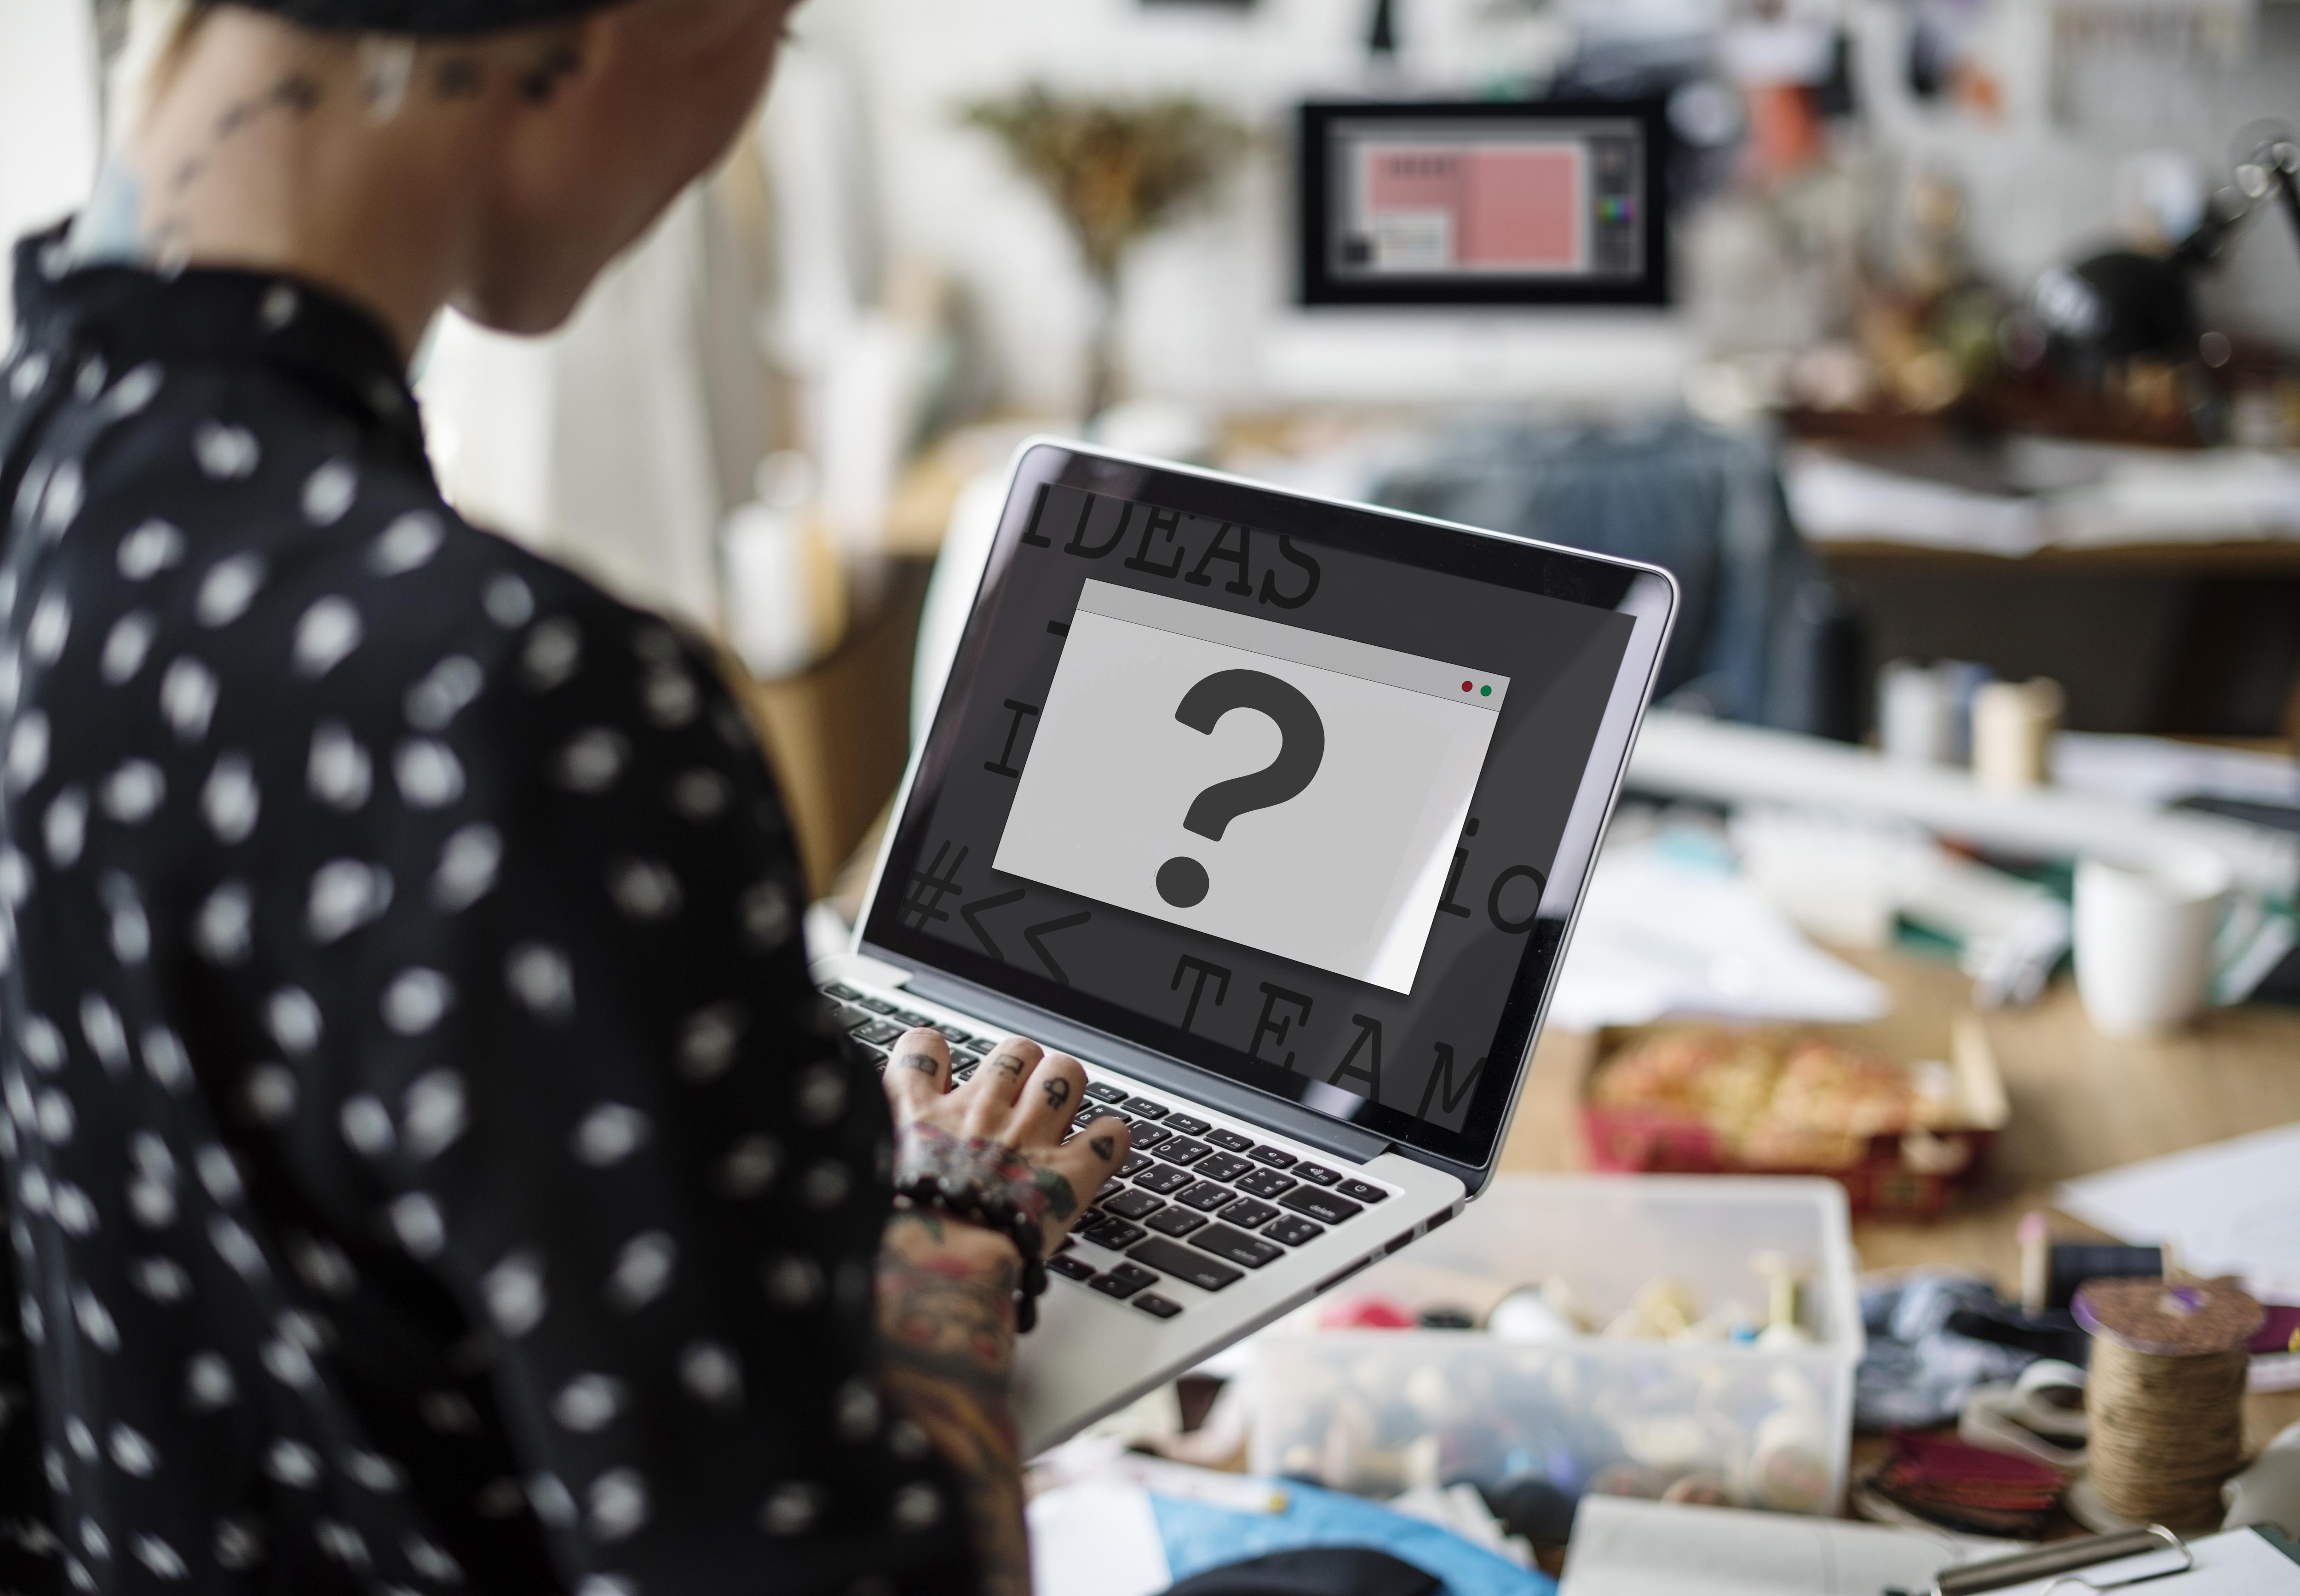 Grafik Tasarım Öğrencileri Kendini  Geliştirmek İçin Neler Yapmalı?